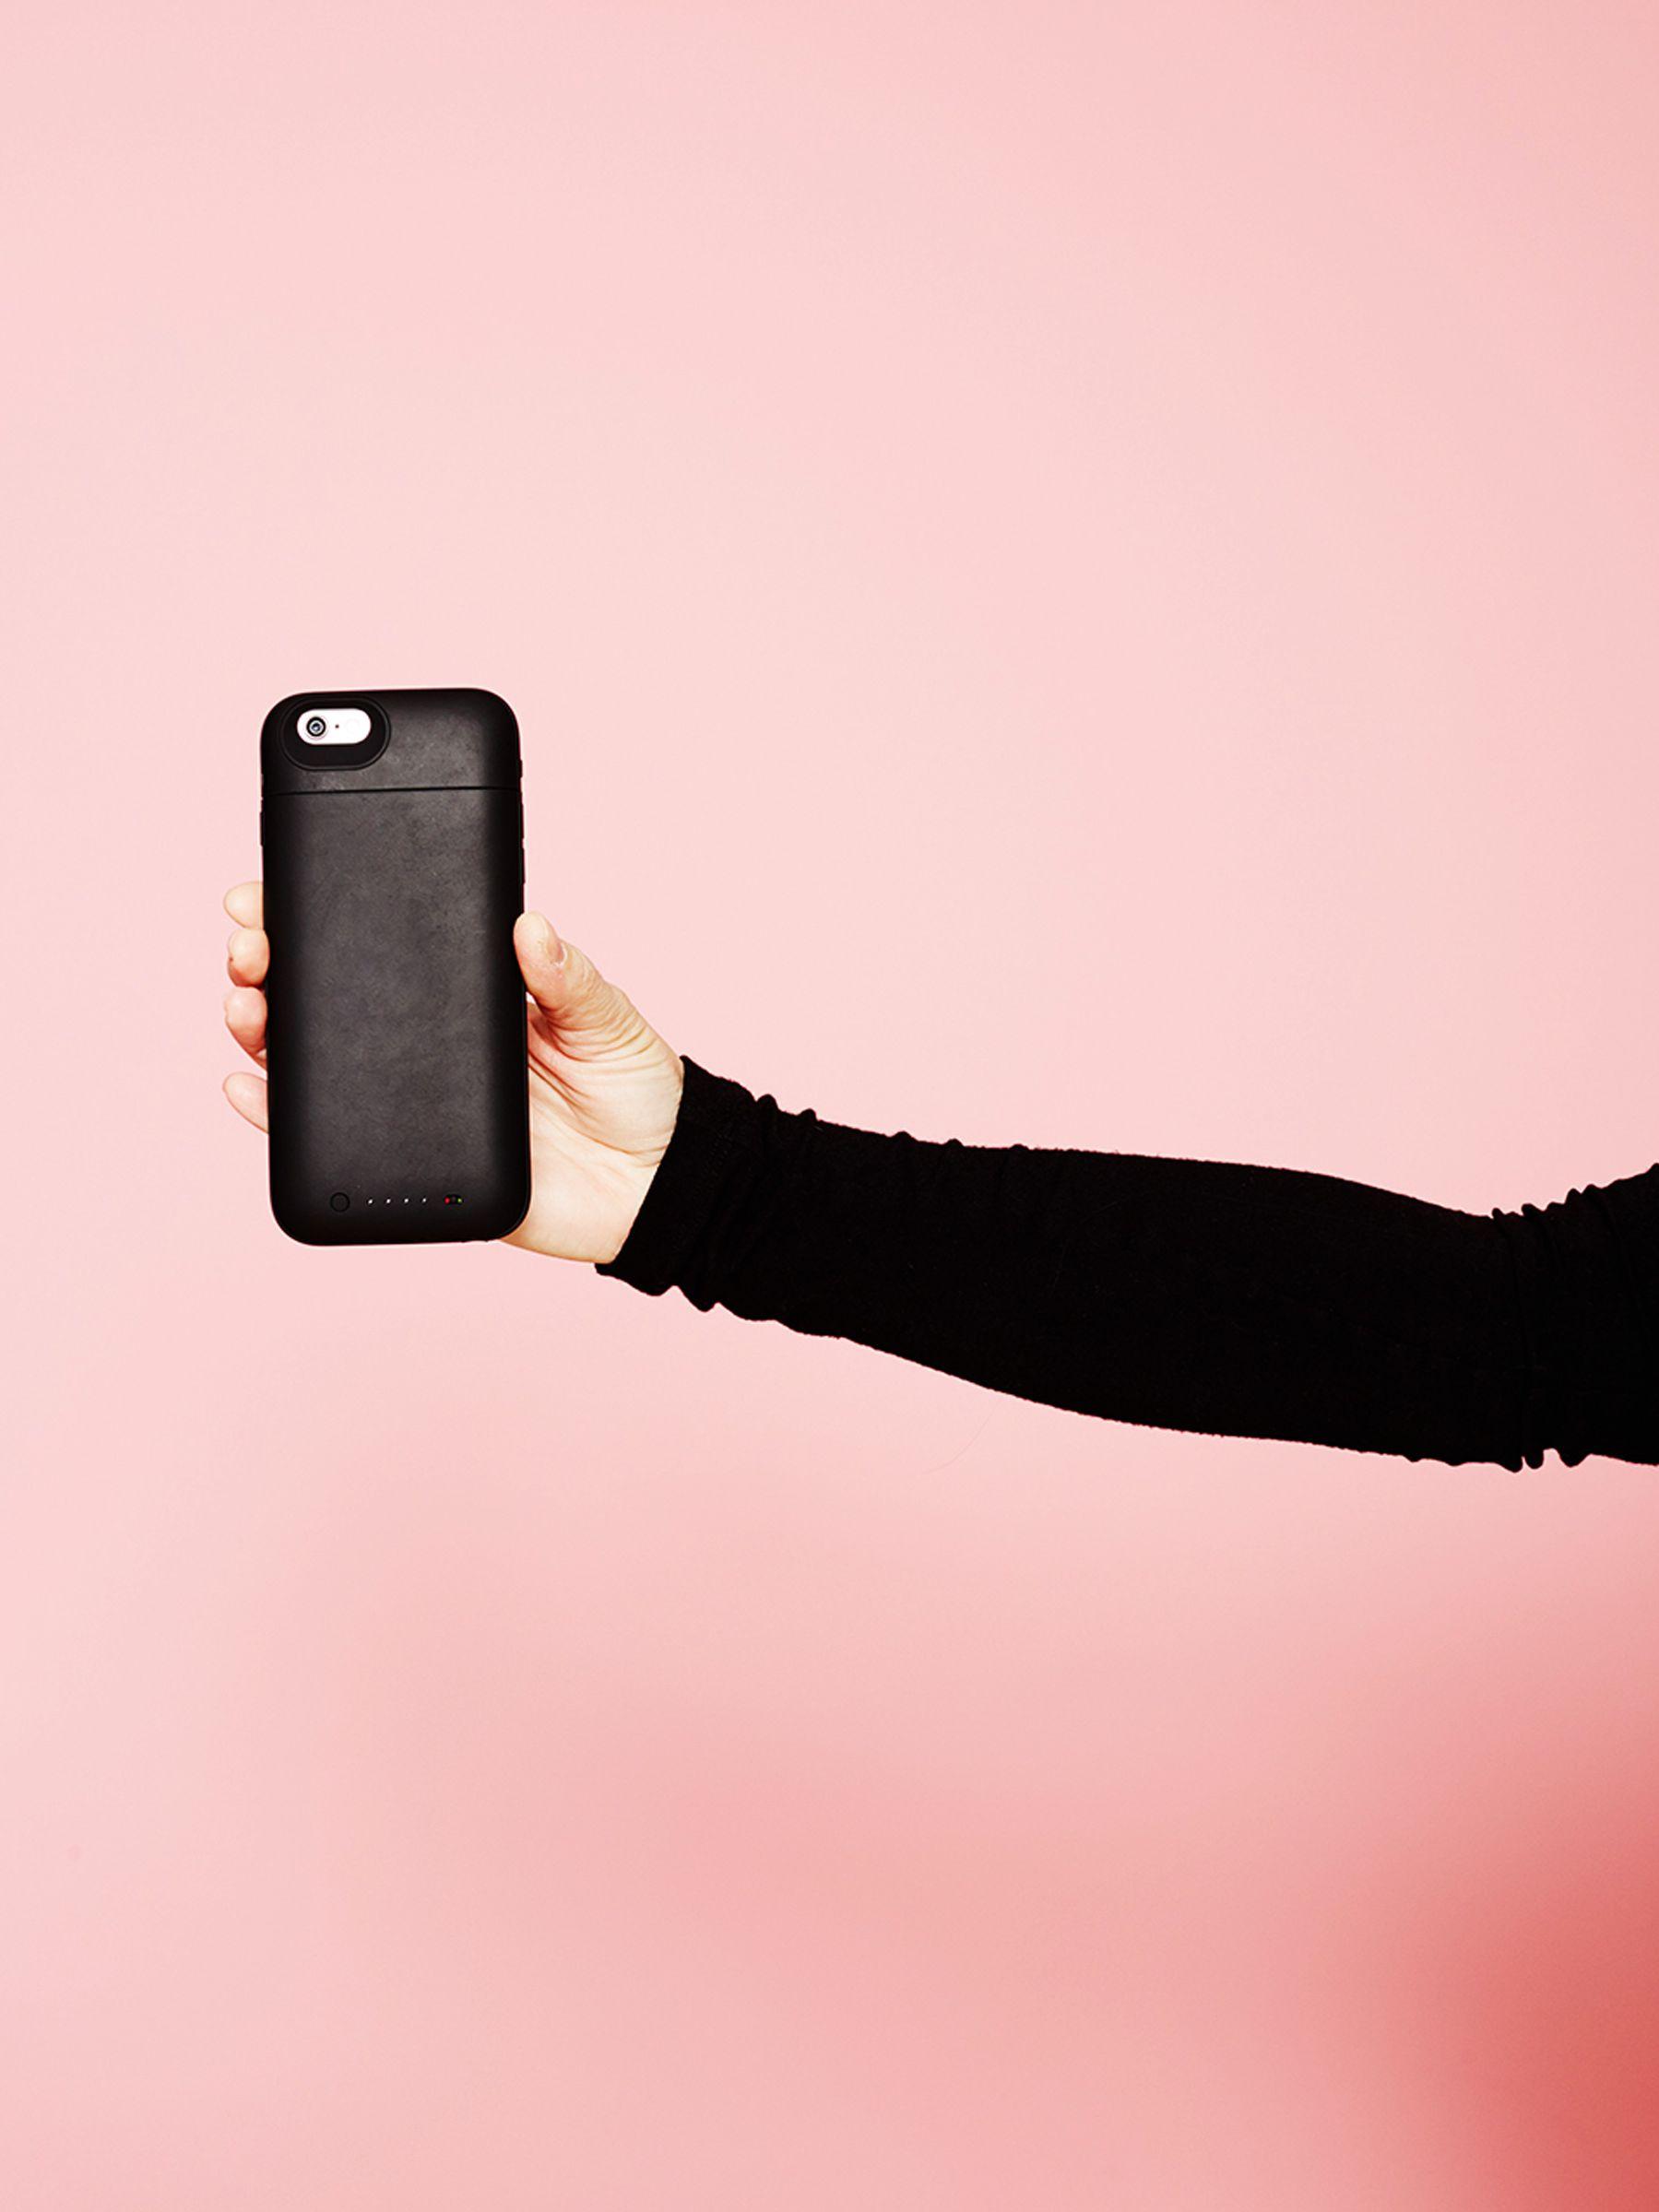 Cấp báo: đã tìm ra giải pháp hoàn hảo cho cơn nghiện mạng xã hội của nàng!